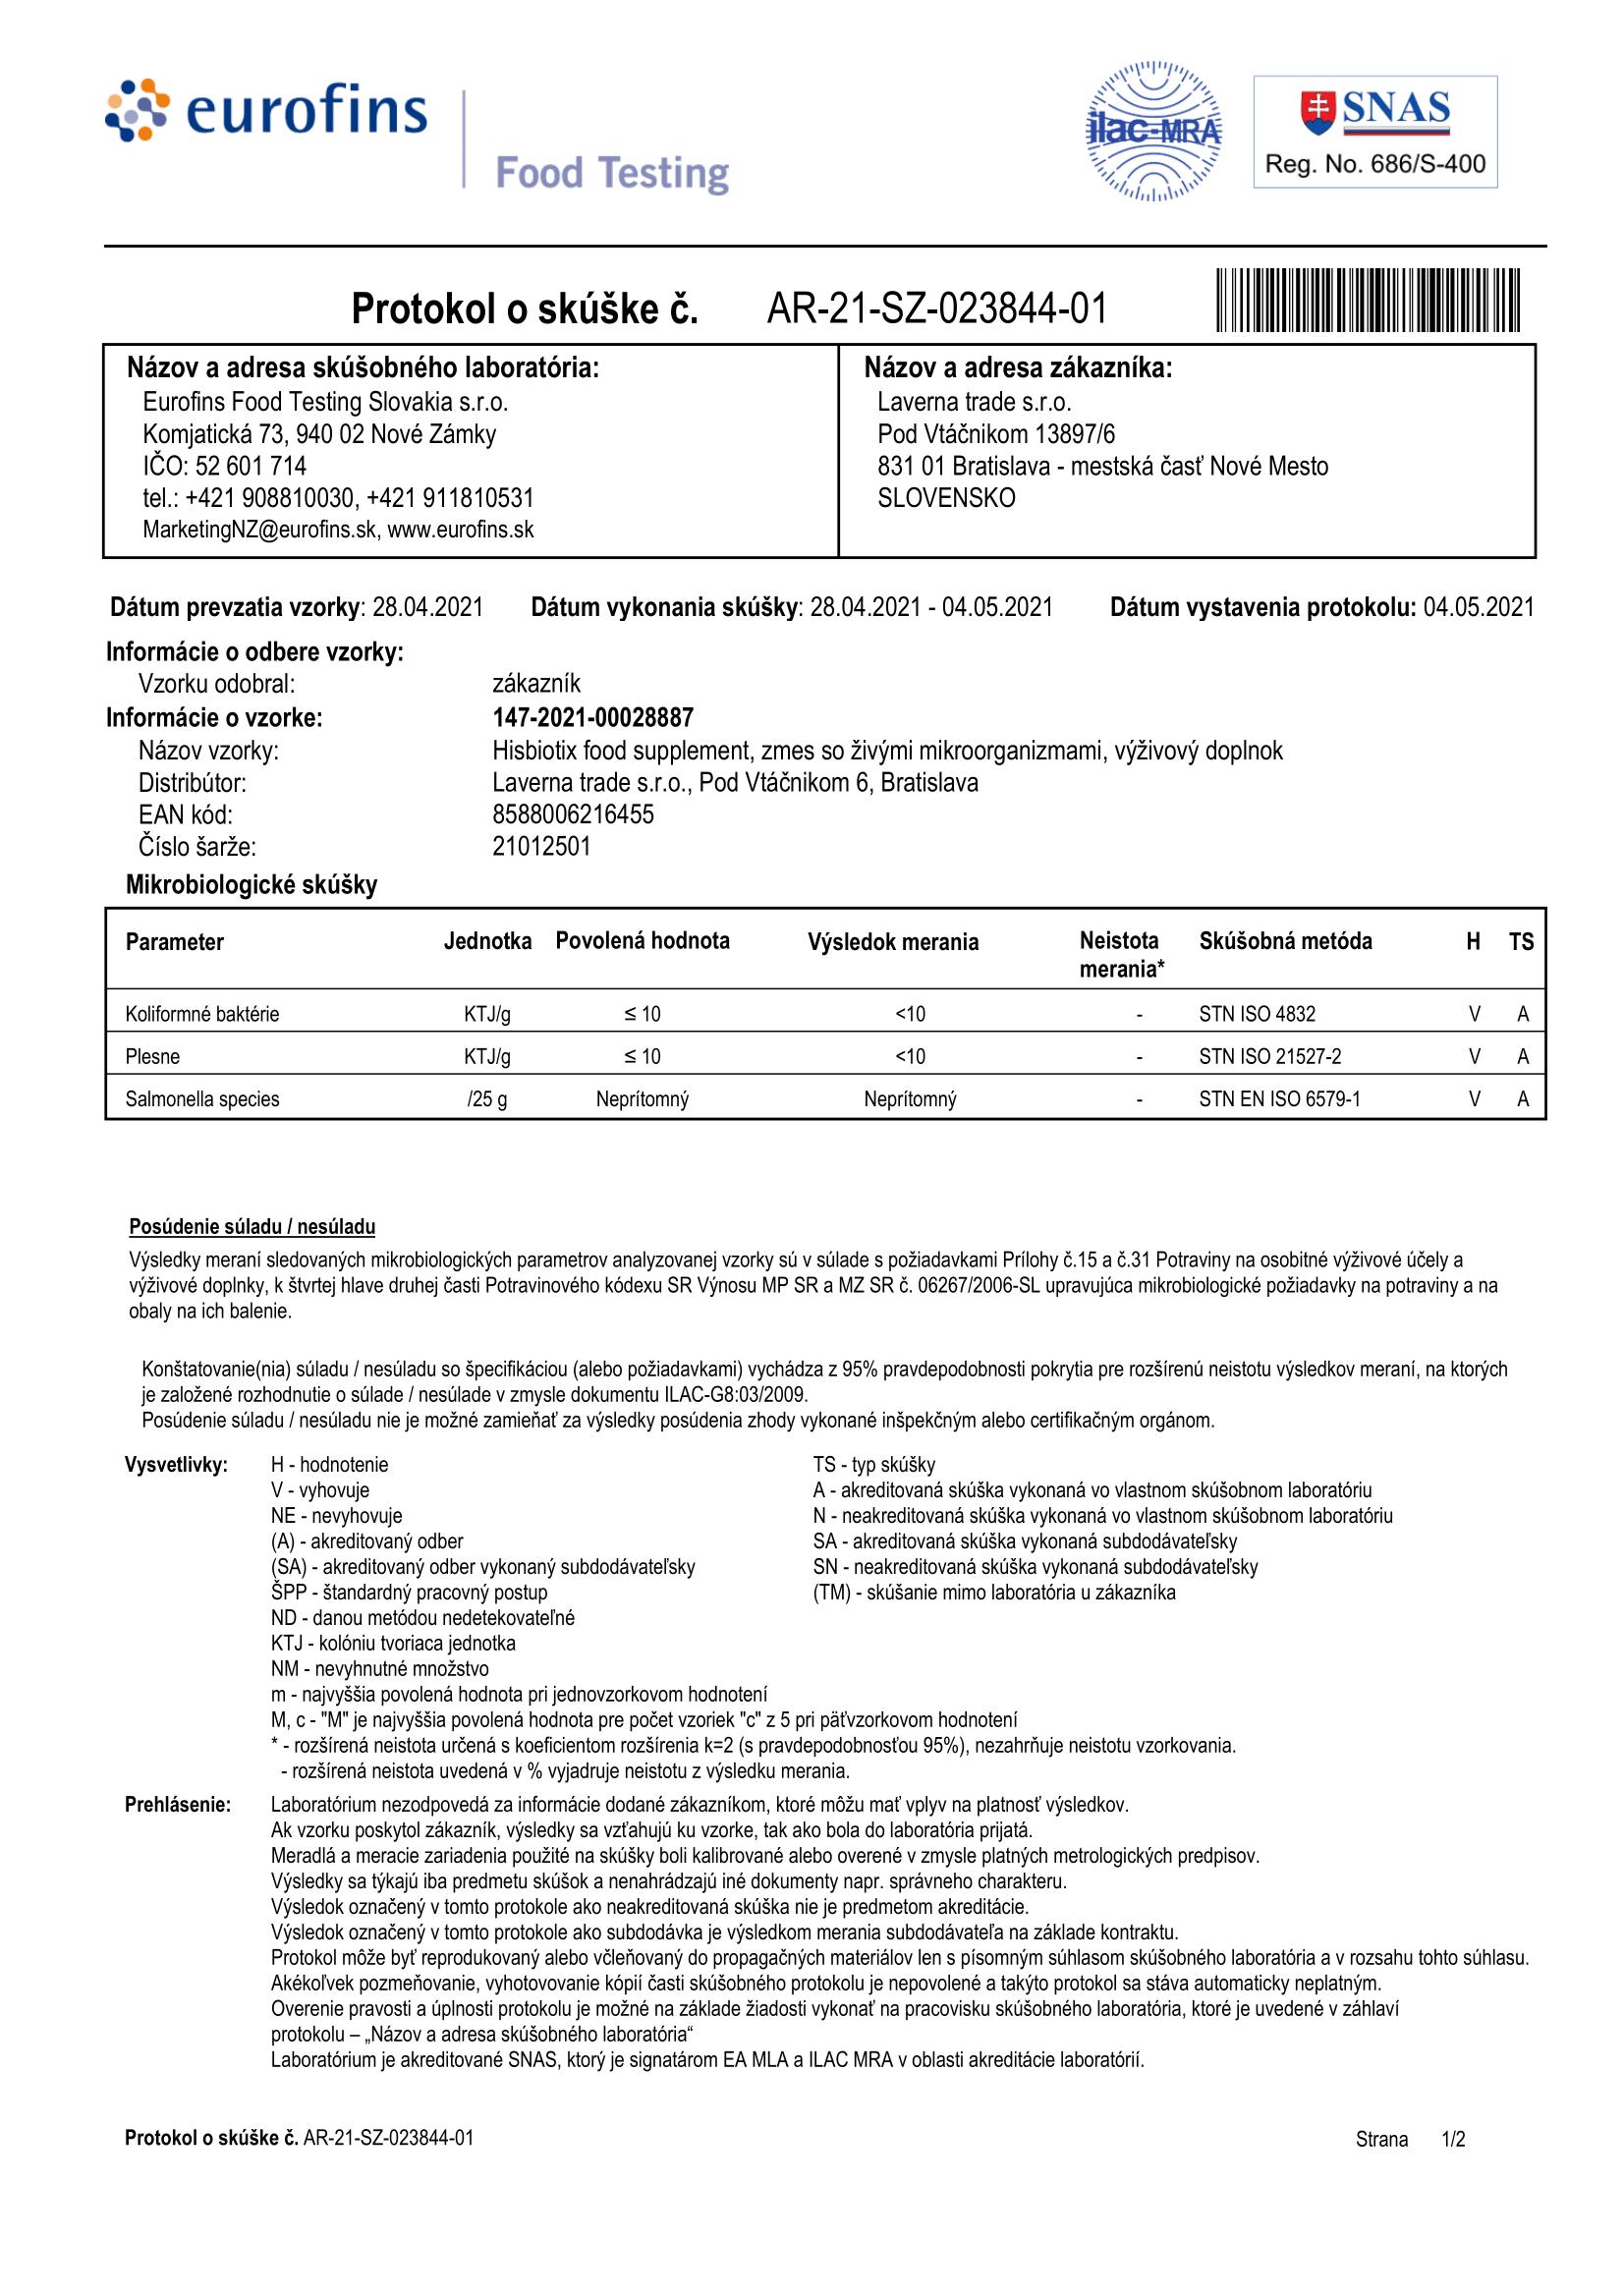 AR-21-SZ-023844-01_147-2021-00028887-1